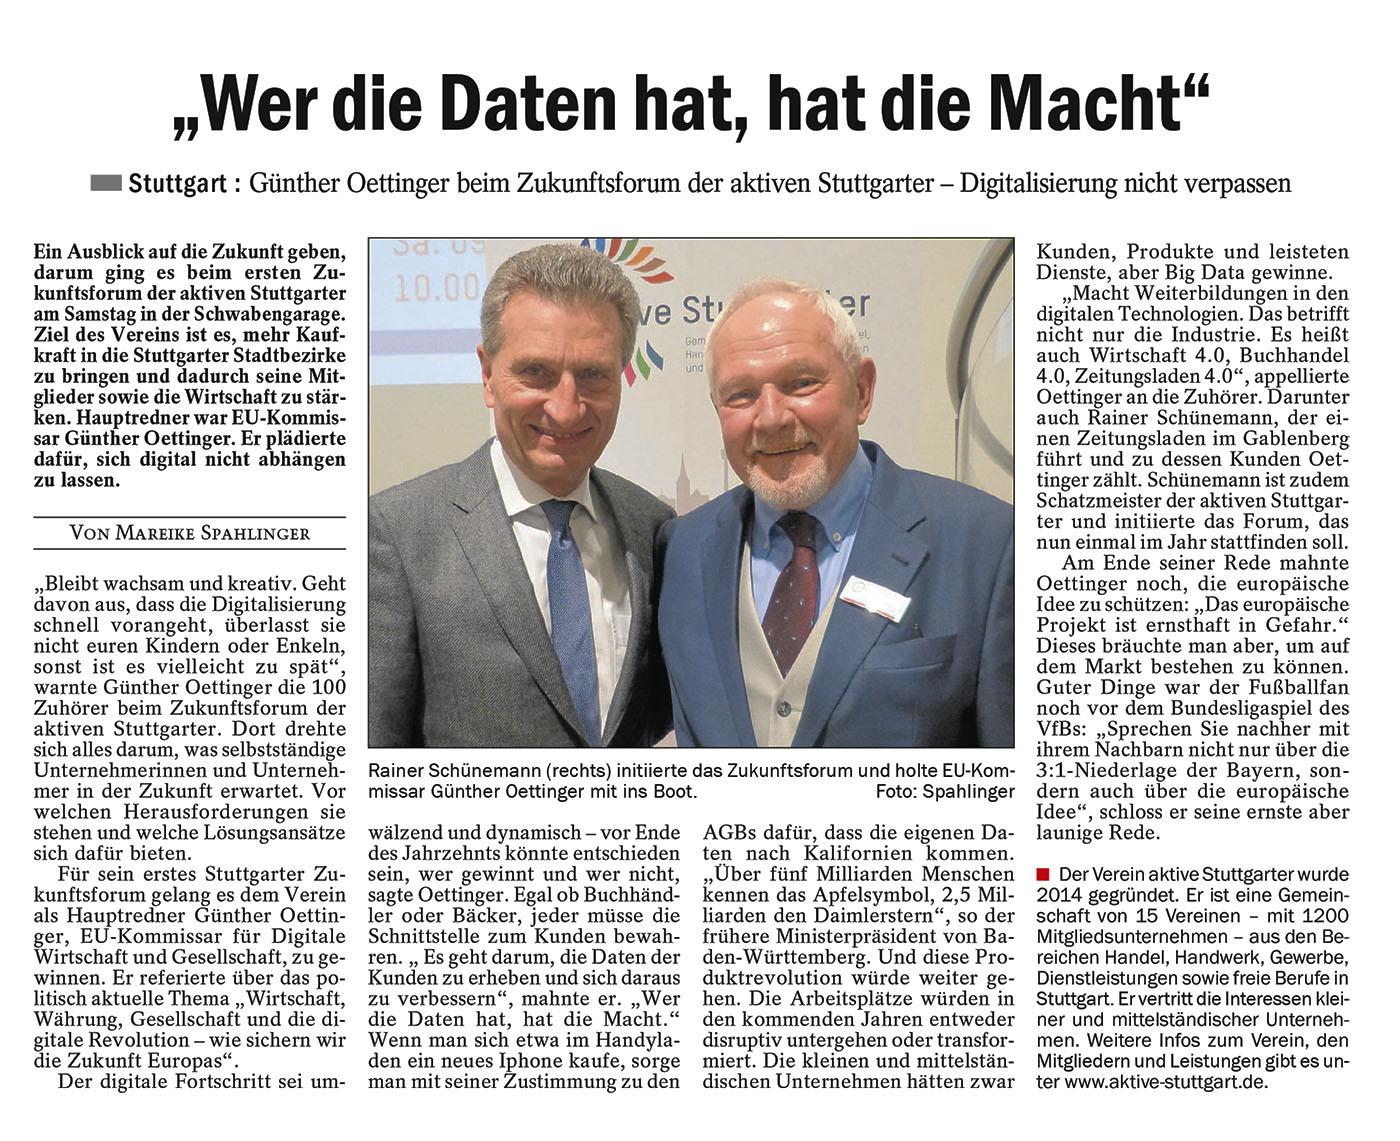 Pressebericht zum Zunkunftsforum Cannstatter Zeitung vom 11. 04. 2016